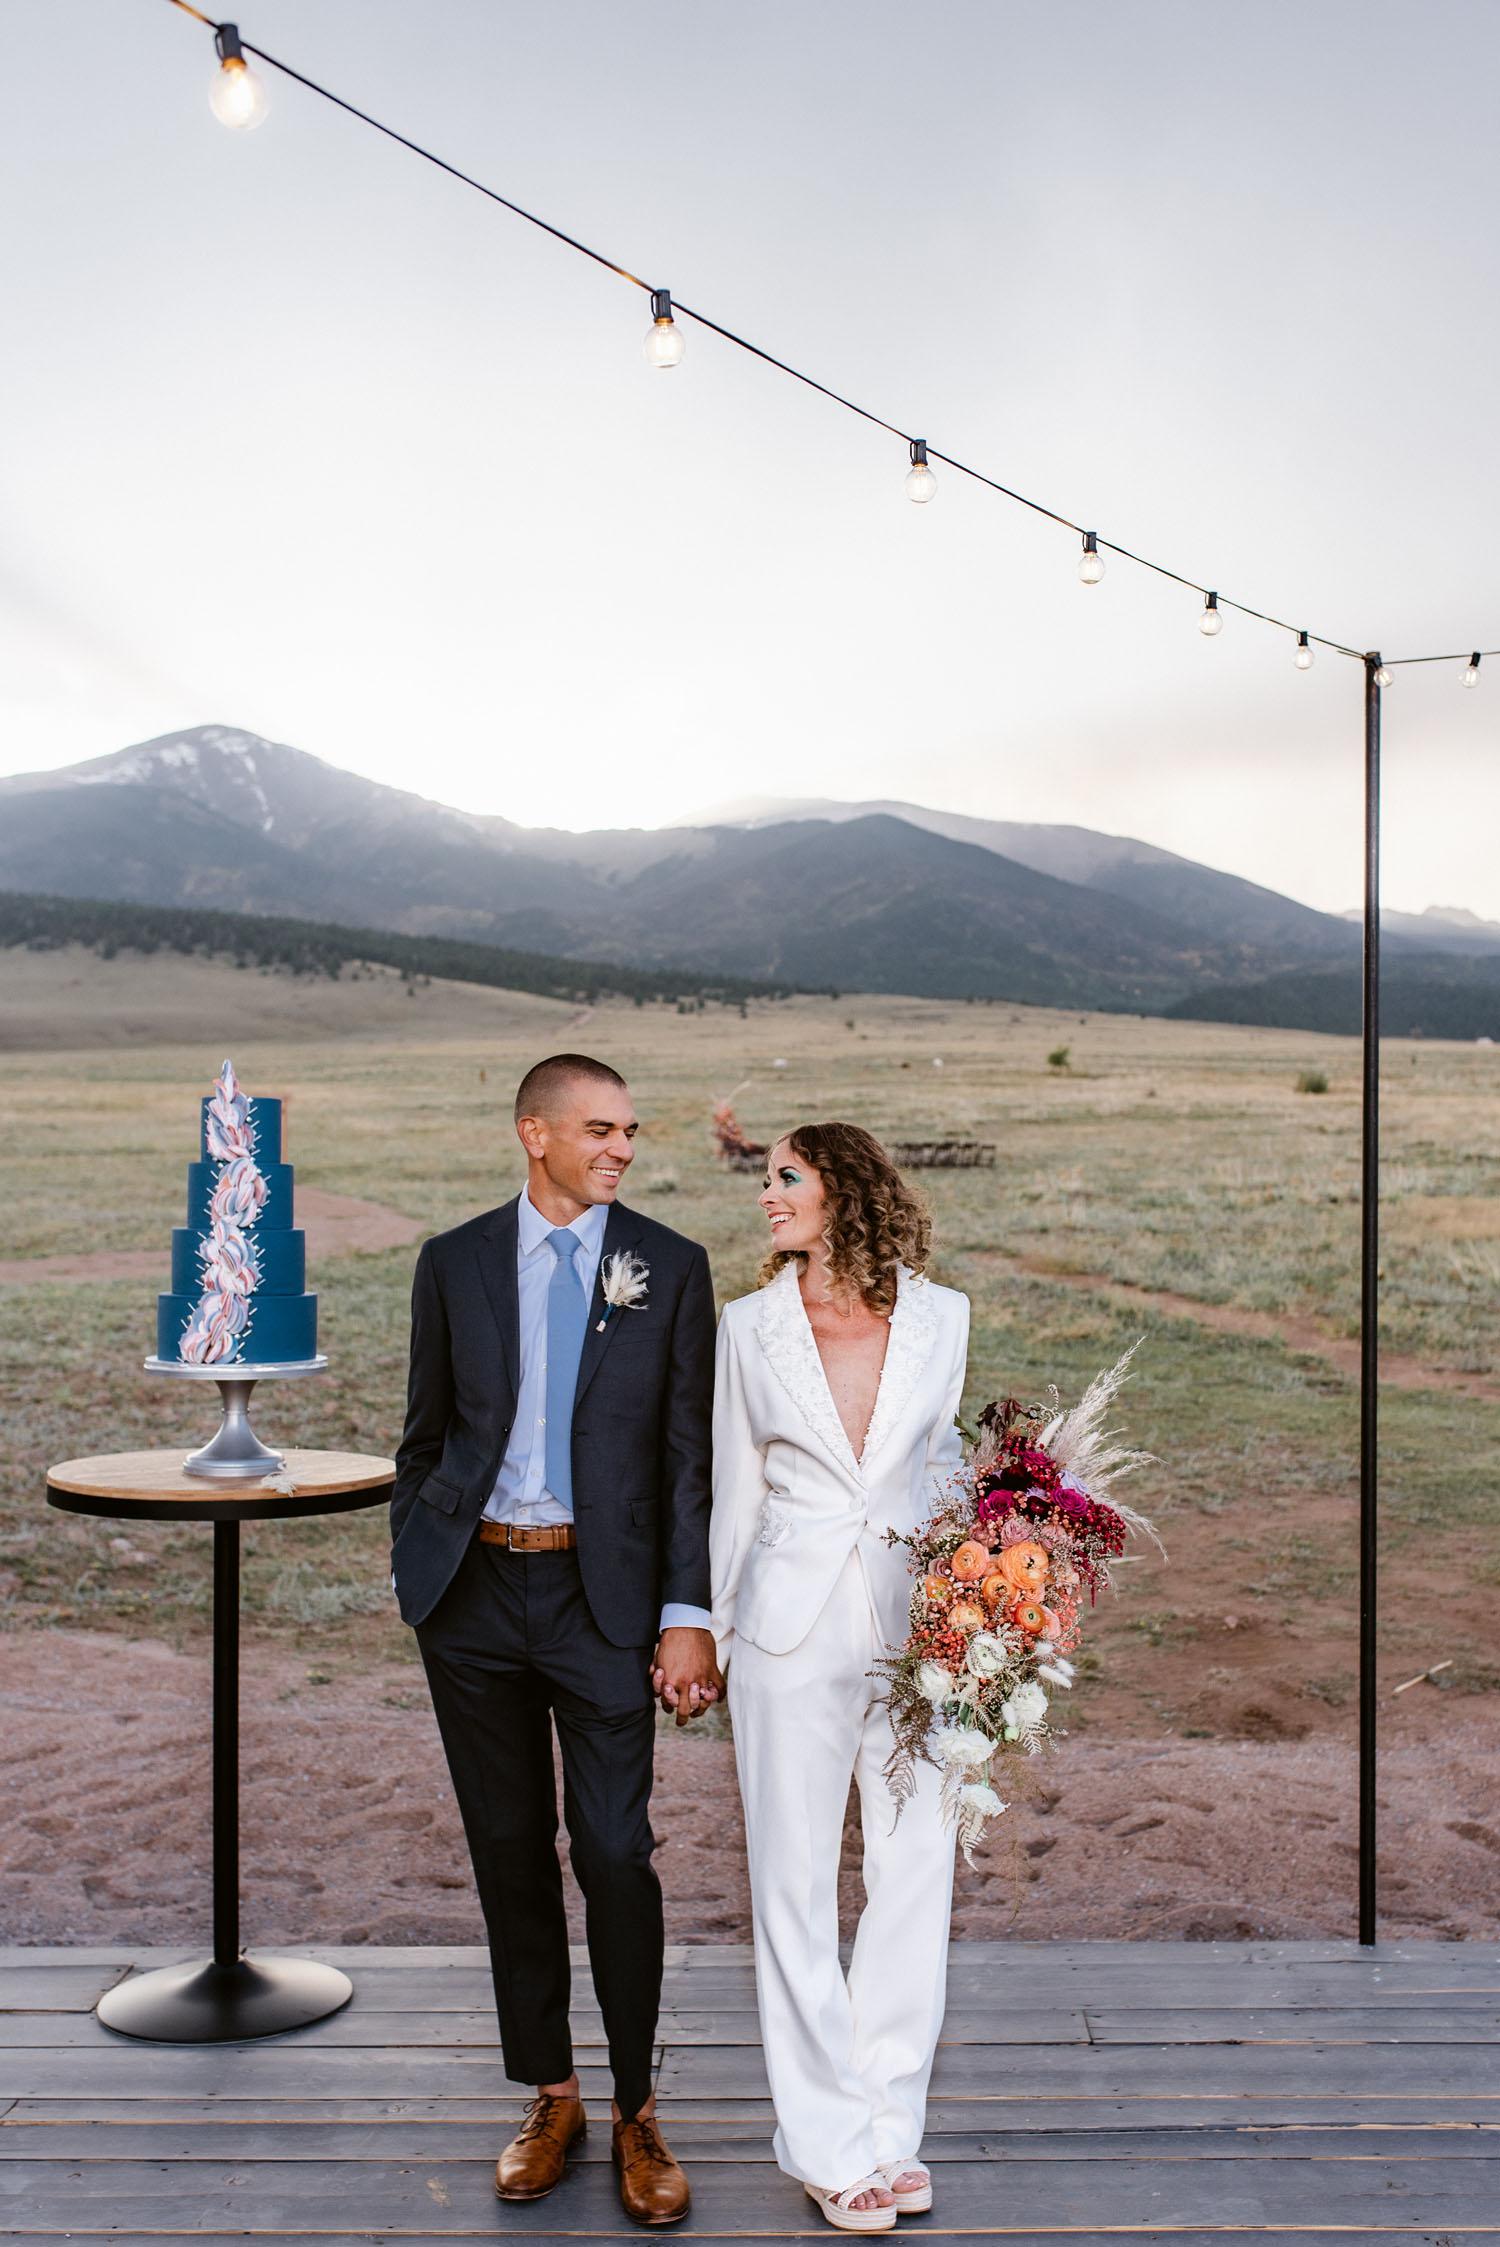 white suit wedding attire